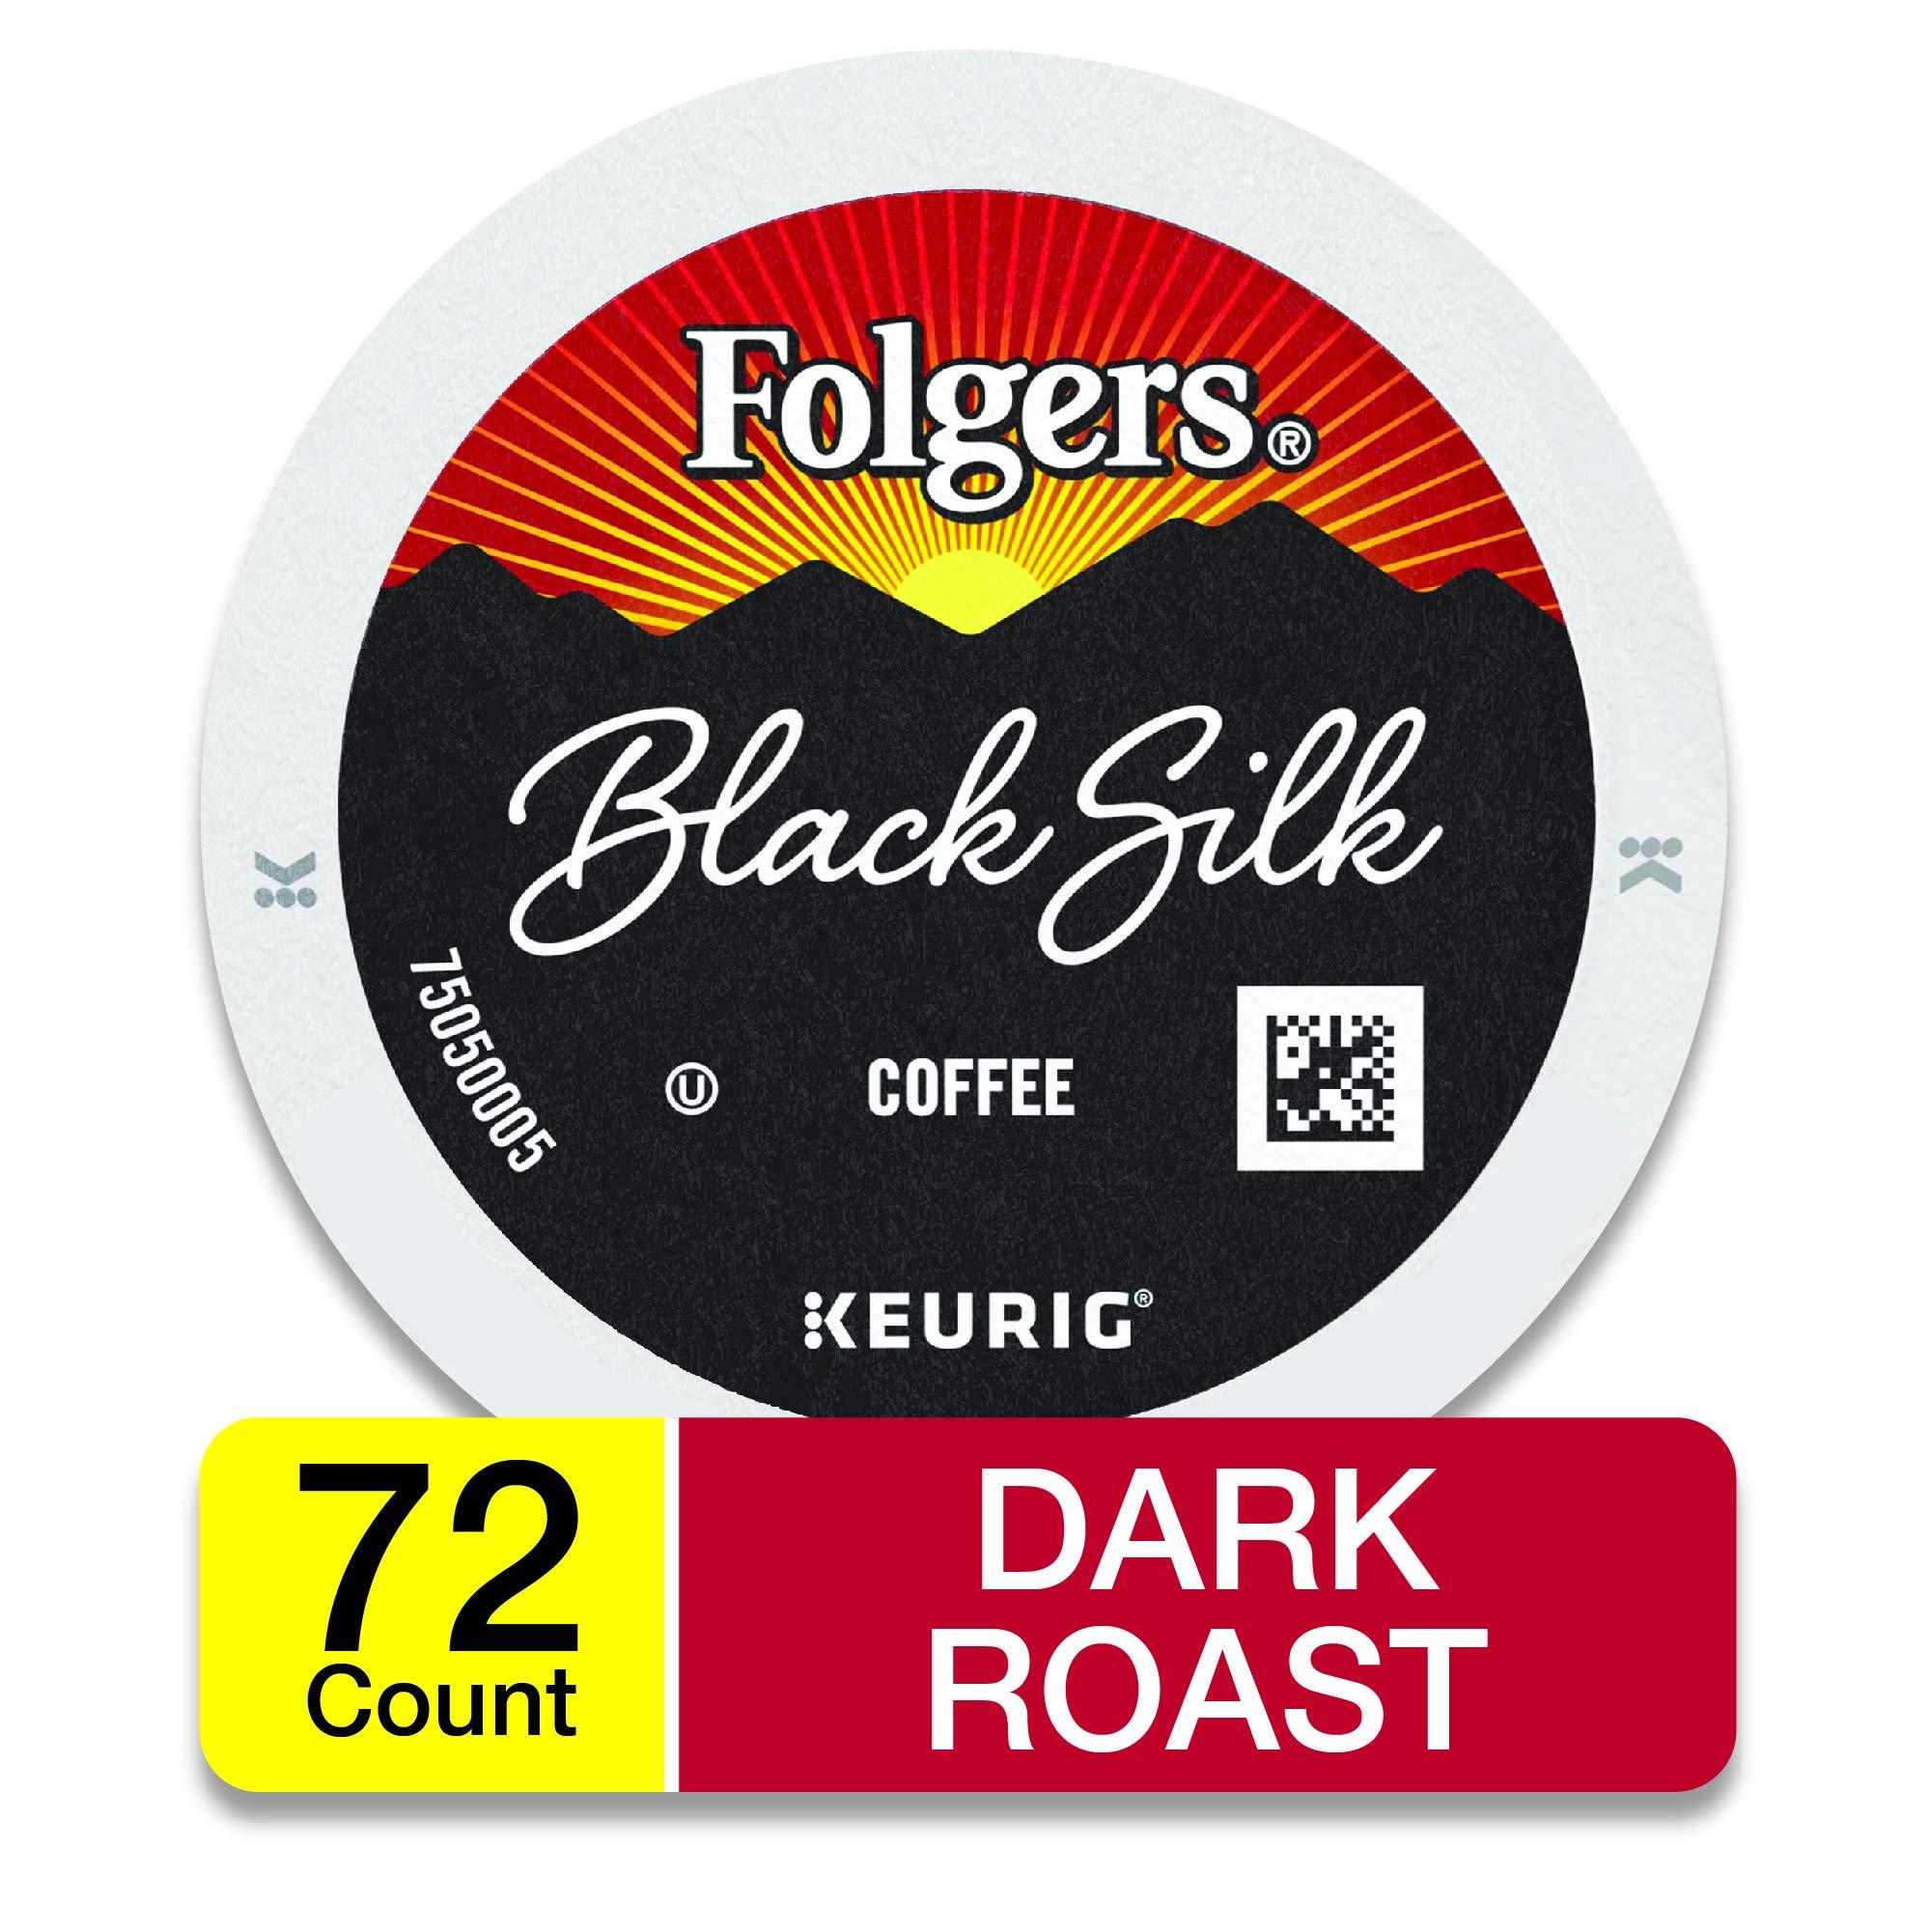 Folgers Black Silk Dark Roast Coffee, 72 K Cups for Keurig Makers, Packaging May Vary by Folgers